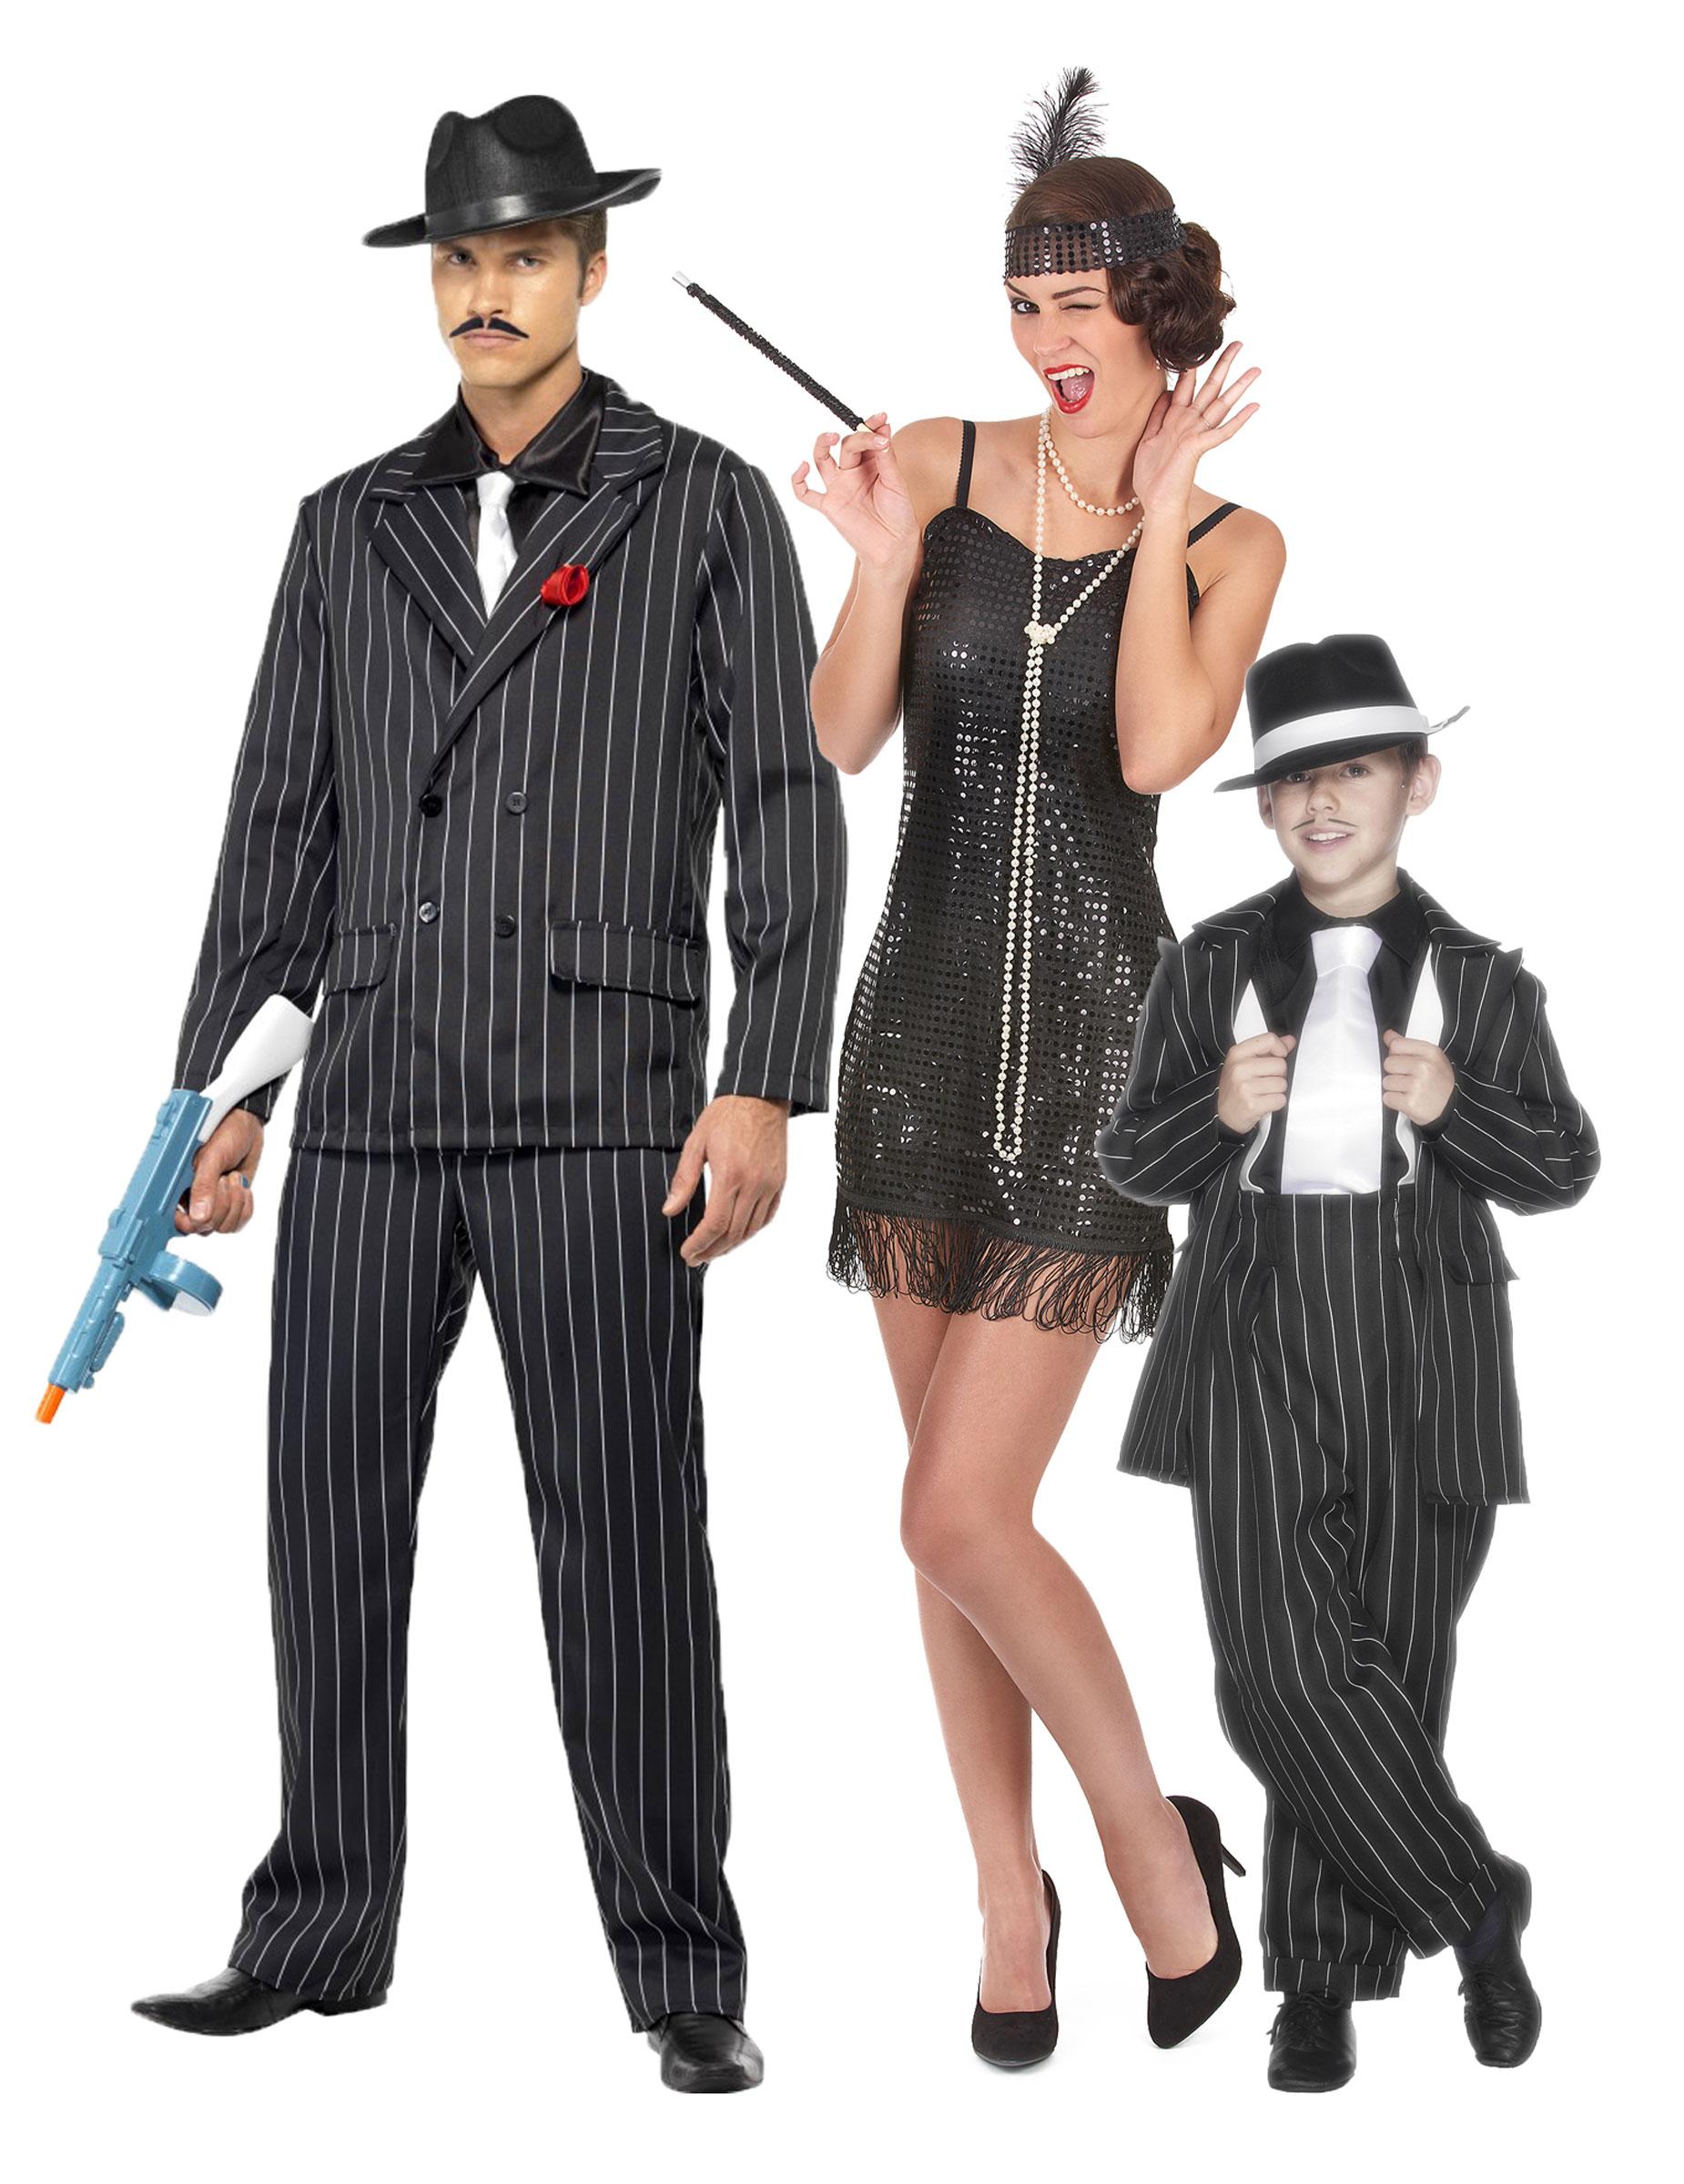 d guisement de famille charleston gangster deguise toi achat de d guisements couples. Black Bedroom Furniture Sets. Home Design Ideas